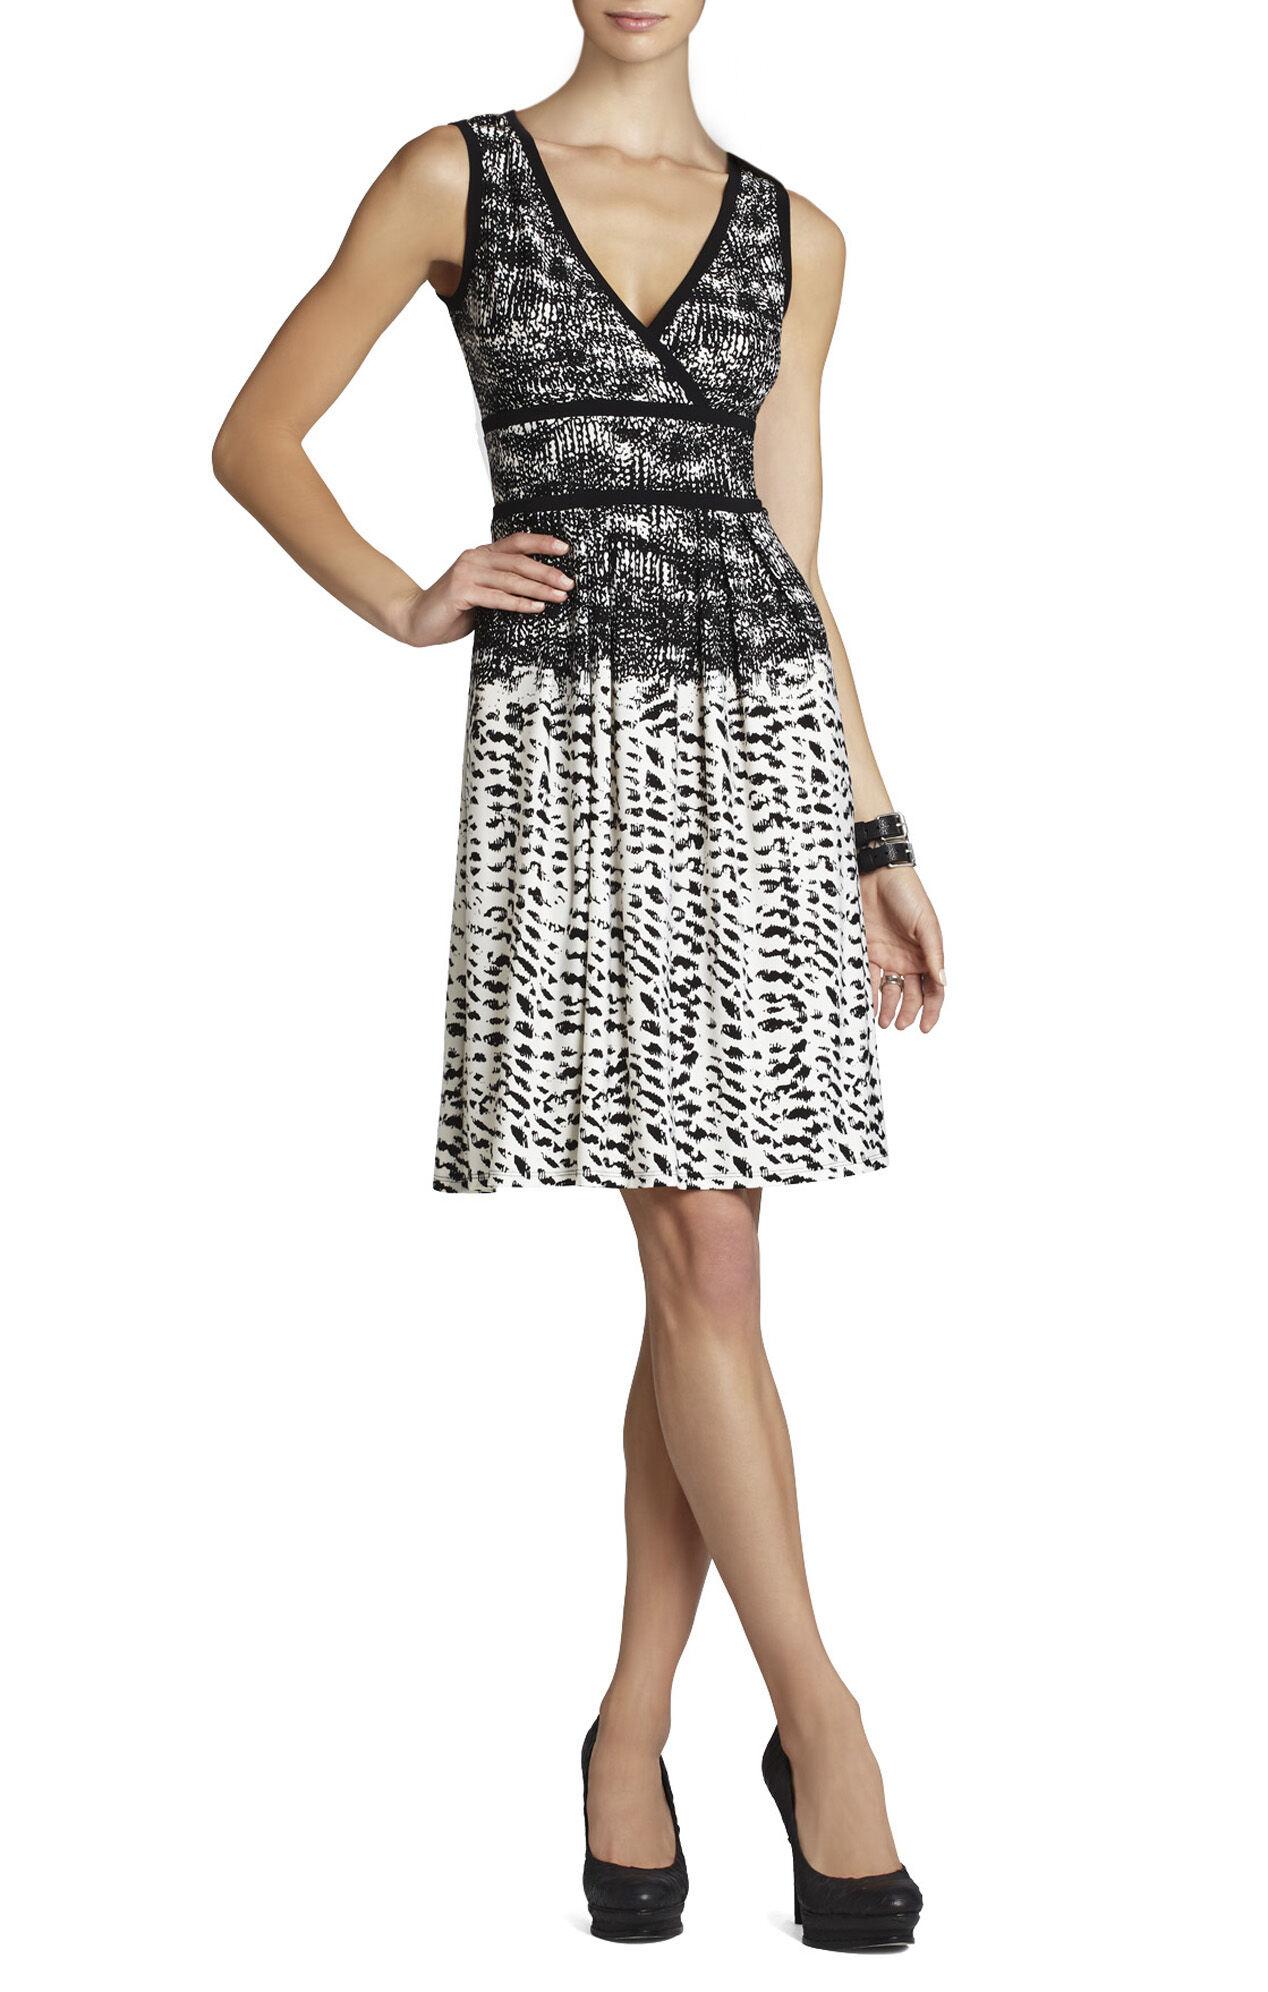 Kerra Printed Top-Wrap Dress